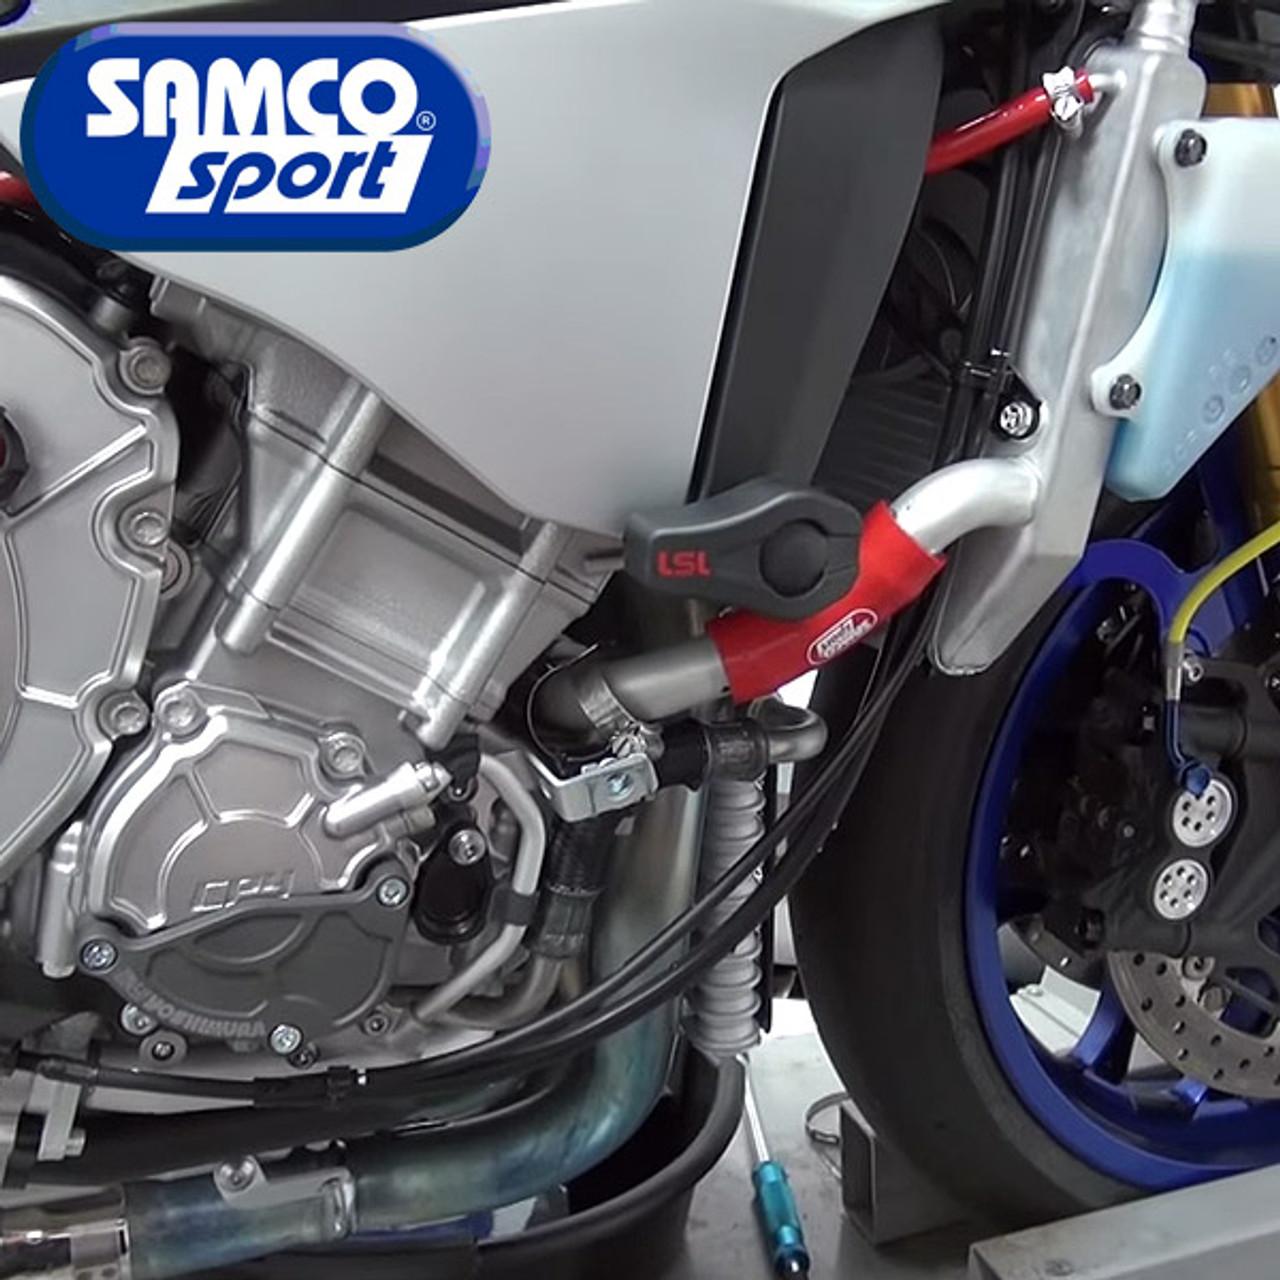 Samco Sport Yamaha Yzf R1 15 19 Radiator Hose Kit